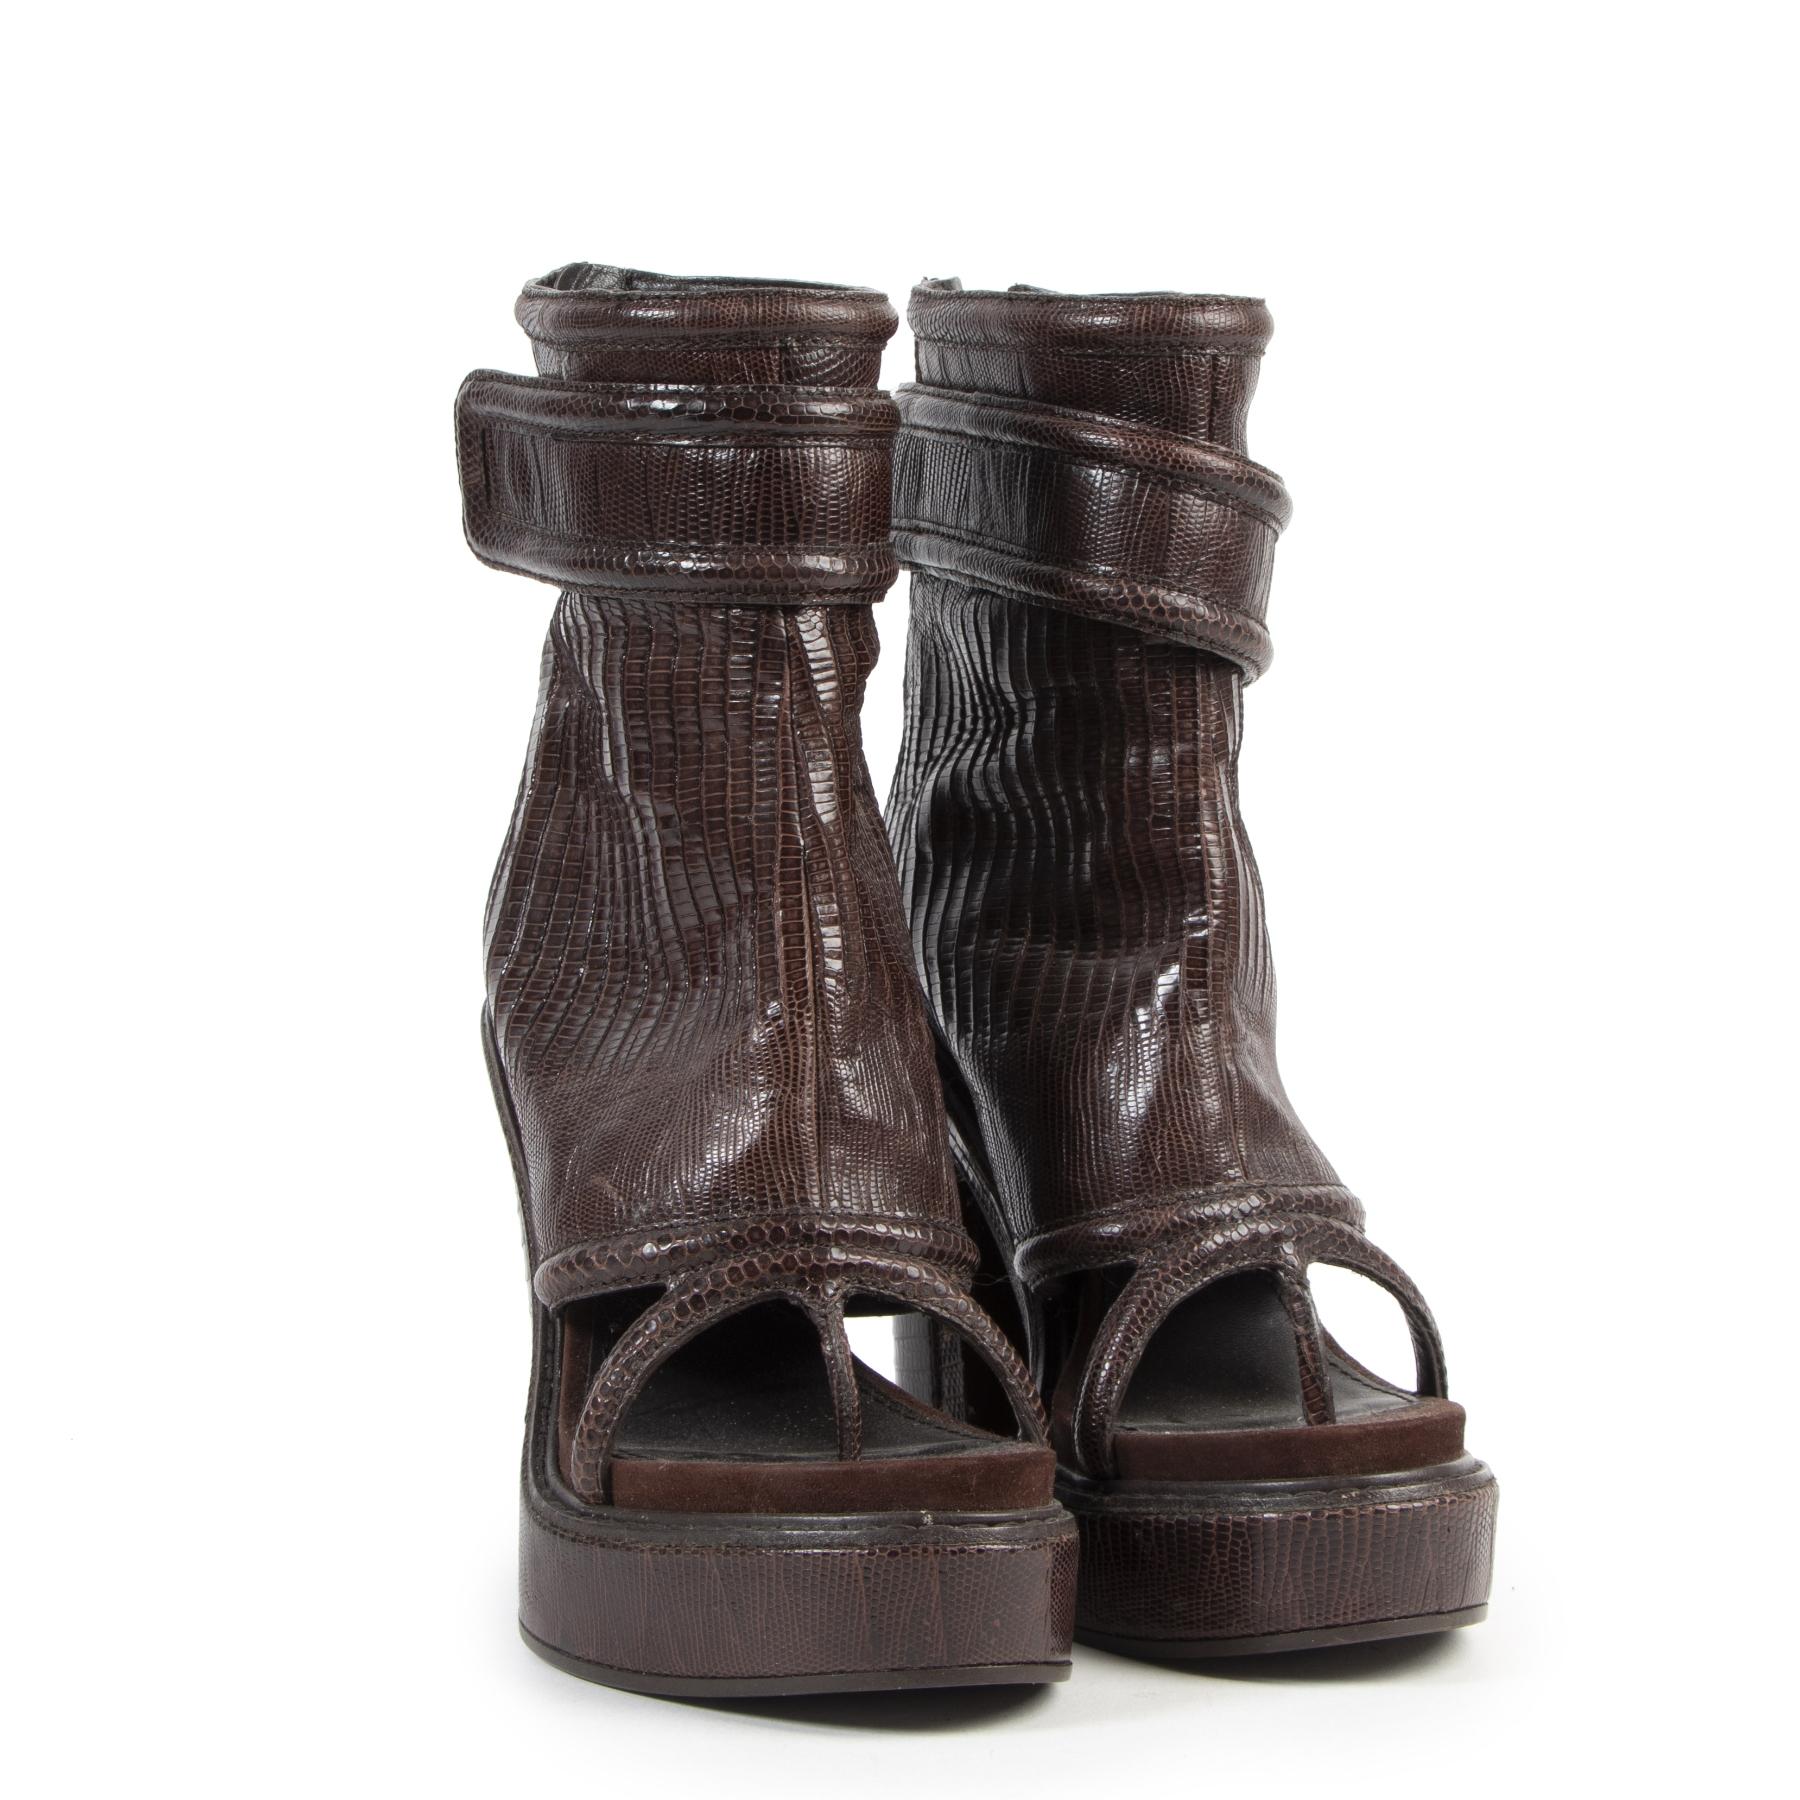 Authentieke Tweedehands Givenchy Brown Lizard Open Toe Boots - Size 40 juiste prijs veilig online shoppen luxe merken webshop winkelen Antwerpen België mode fashion